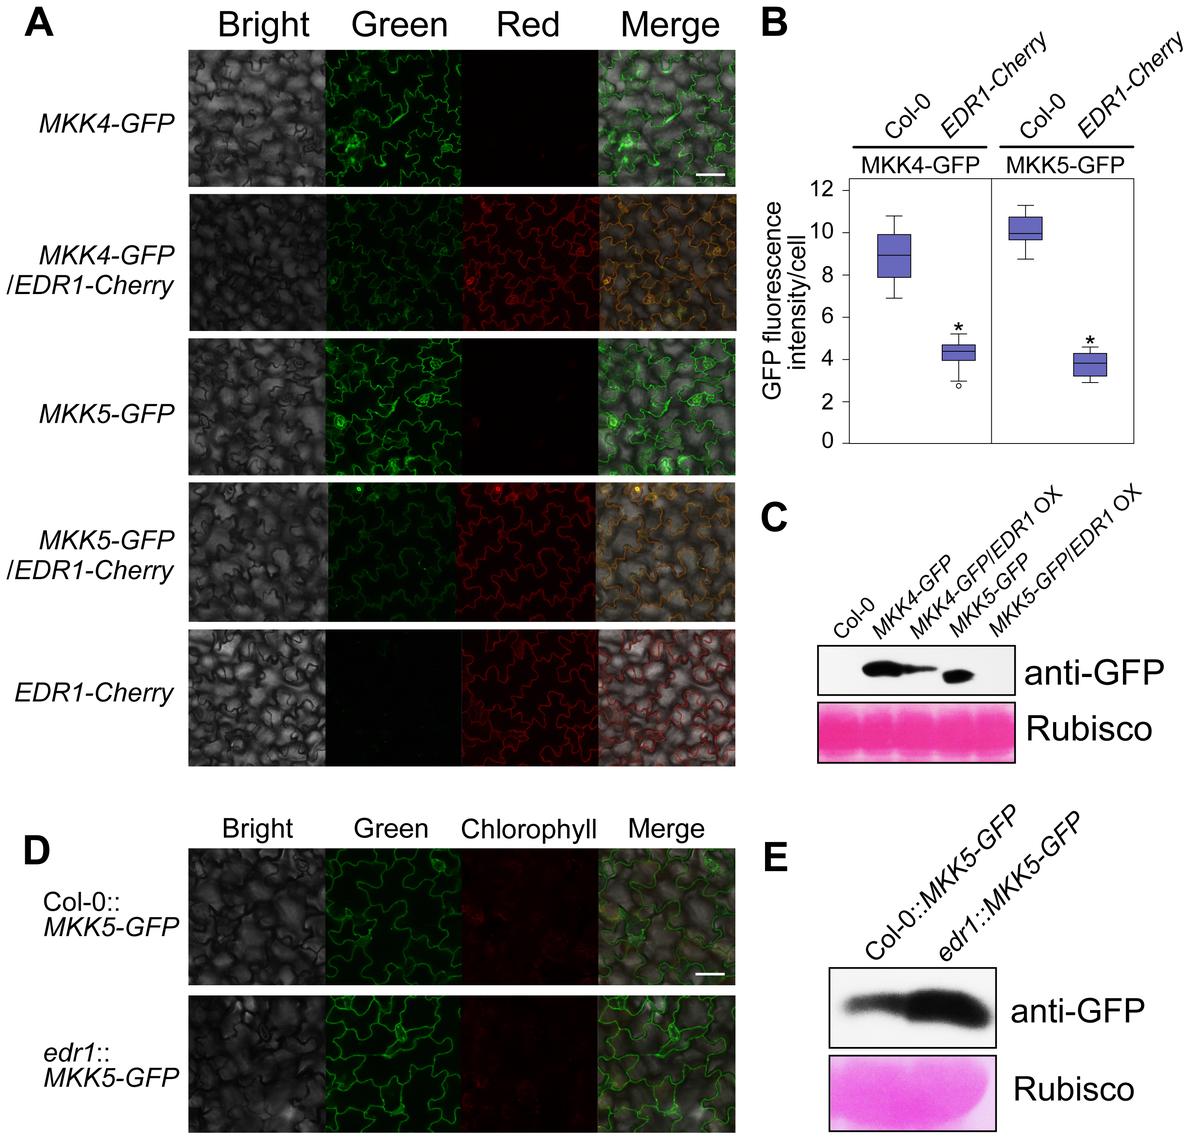 EDR1 regulates the protein levels of MKK4 and MKK5.